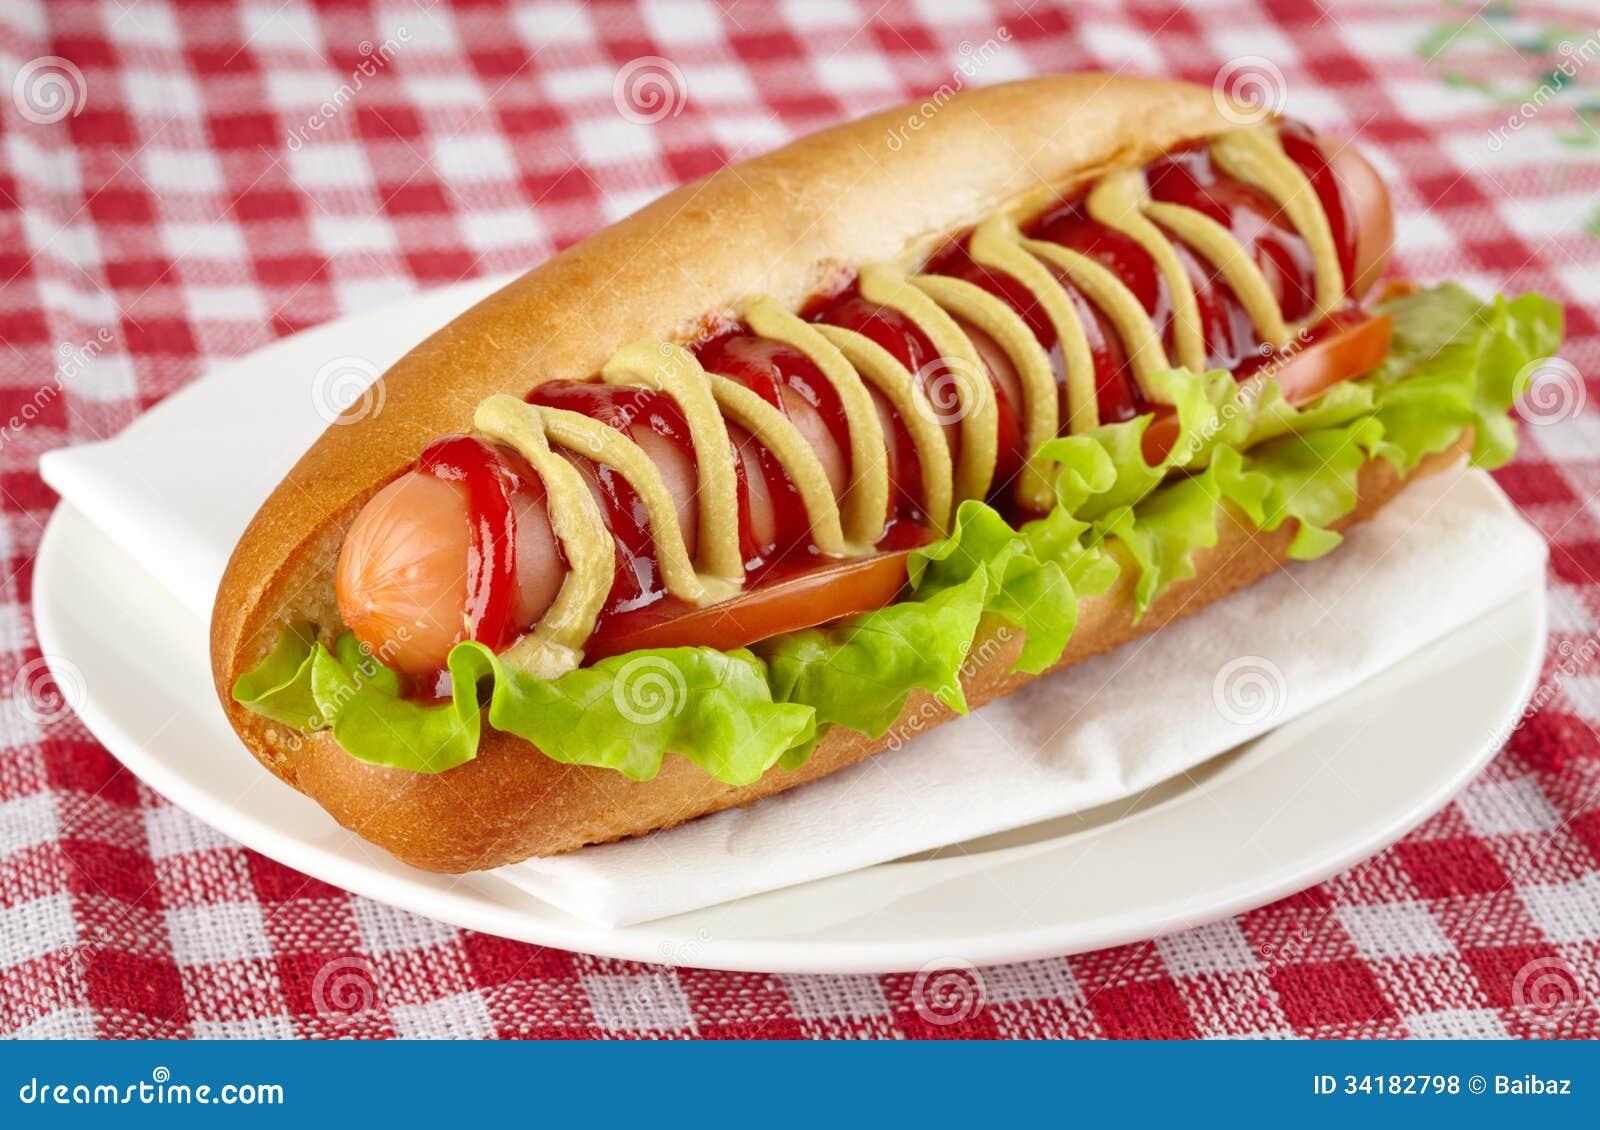 Hot Dog Calorie